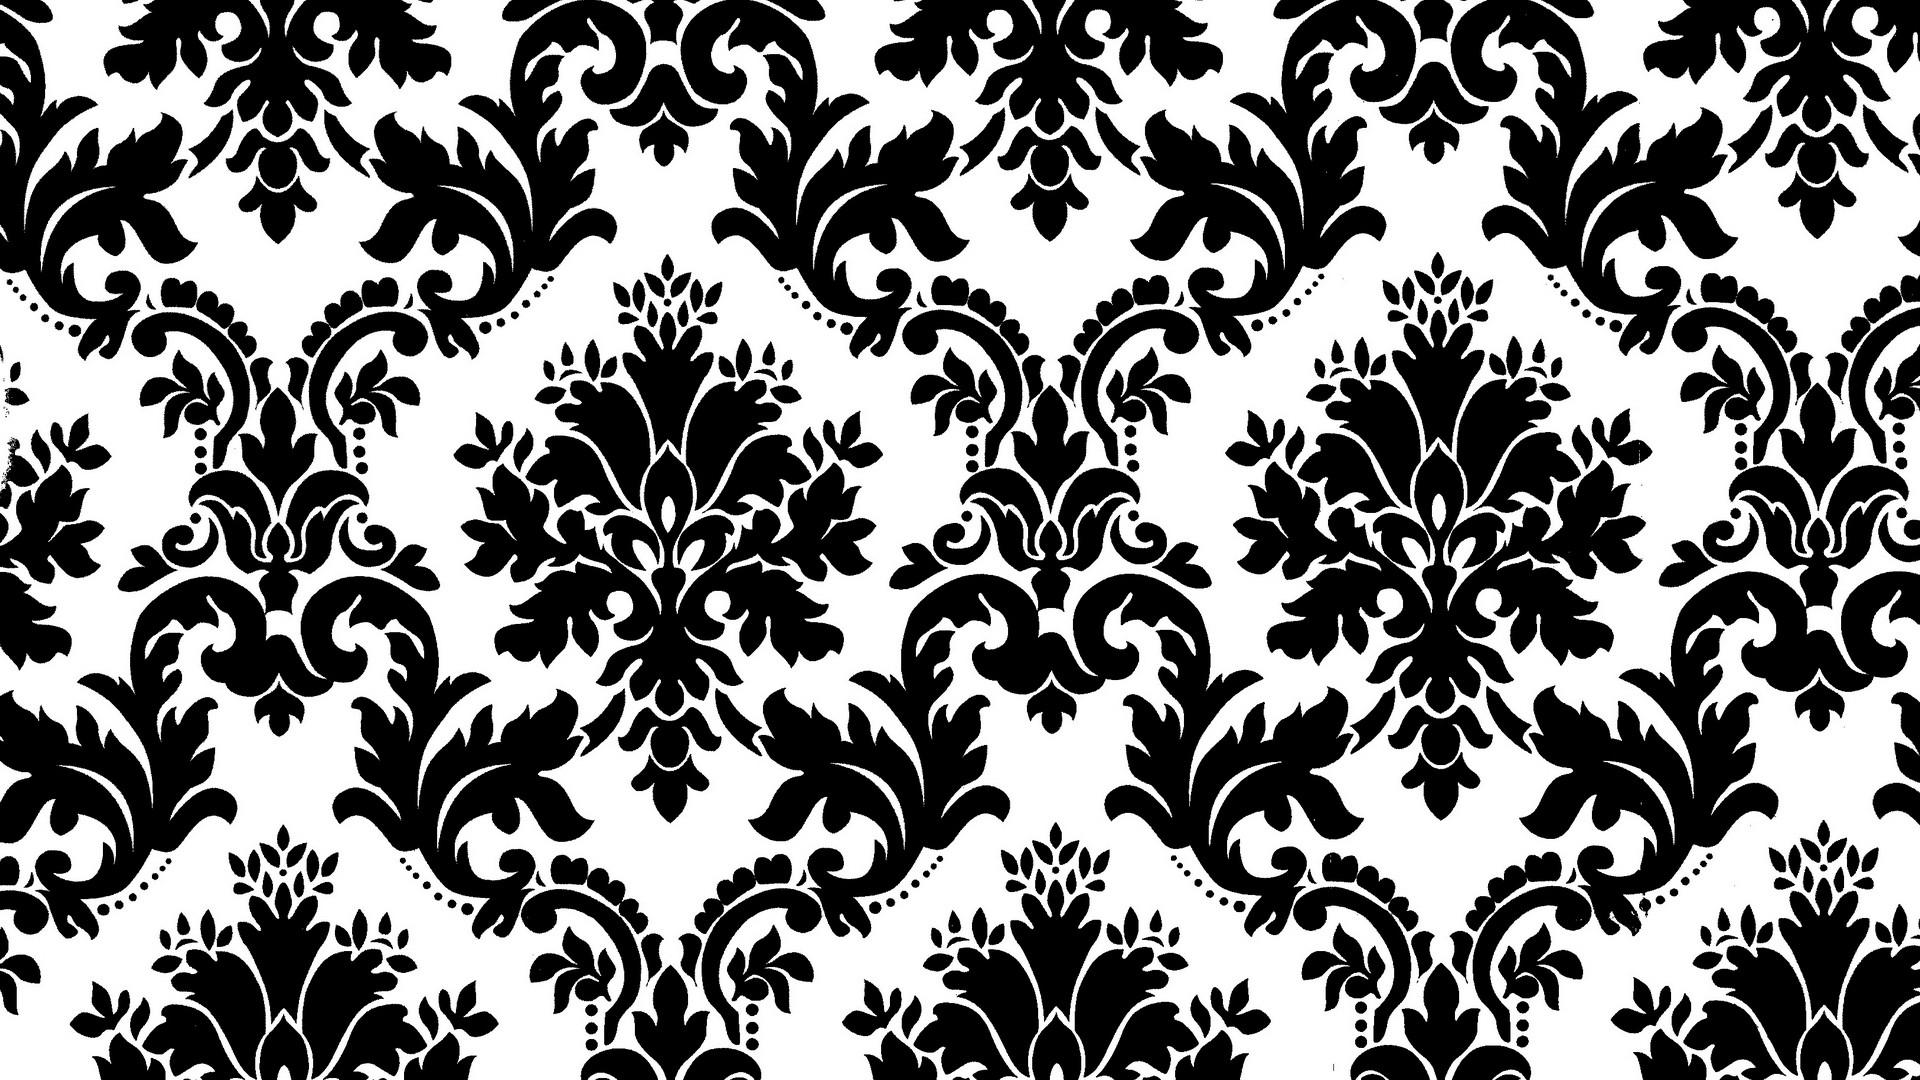 Minimalistic Patterns Wallpaper 1920x1080 Minimalistic Patterns 1920x1080